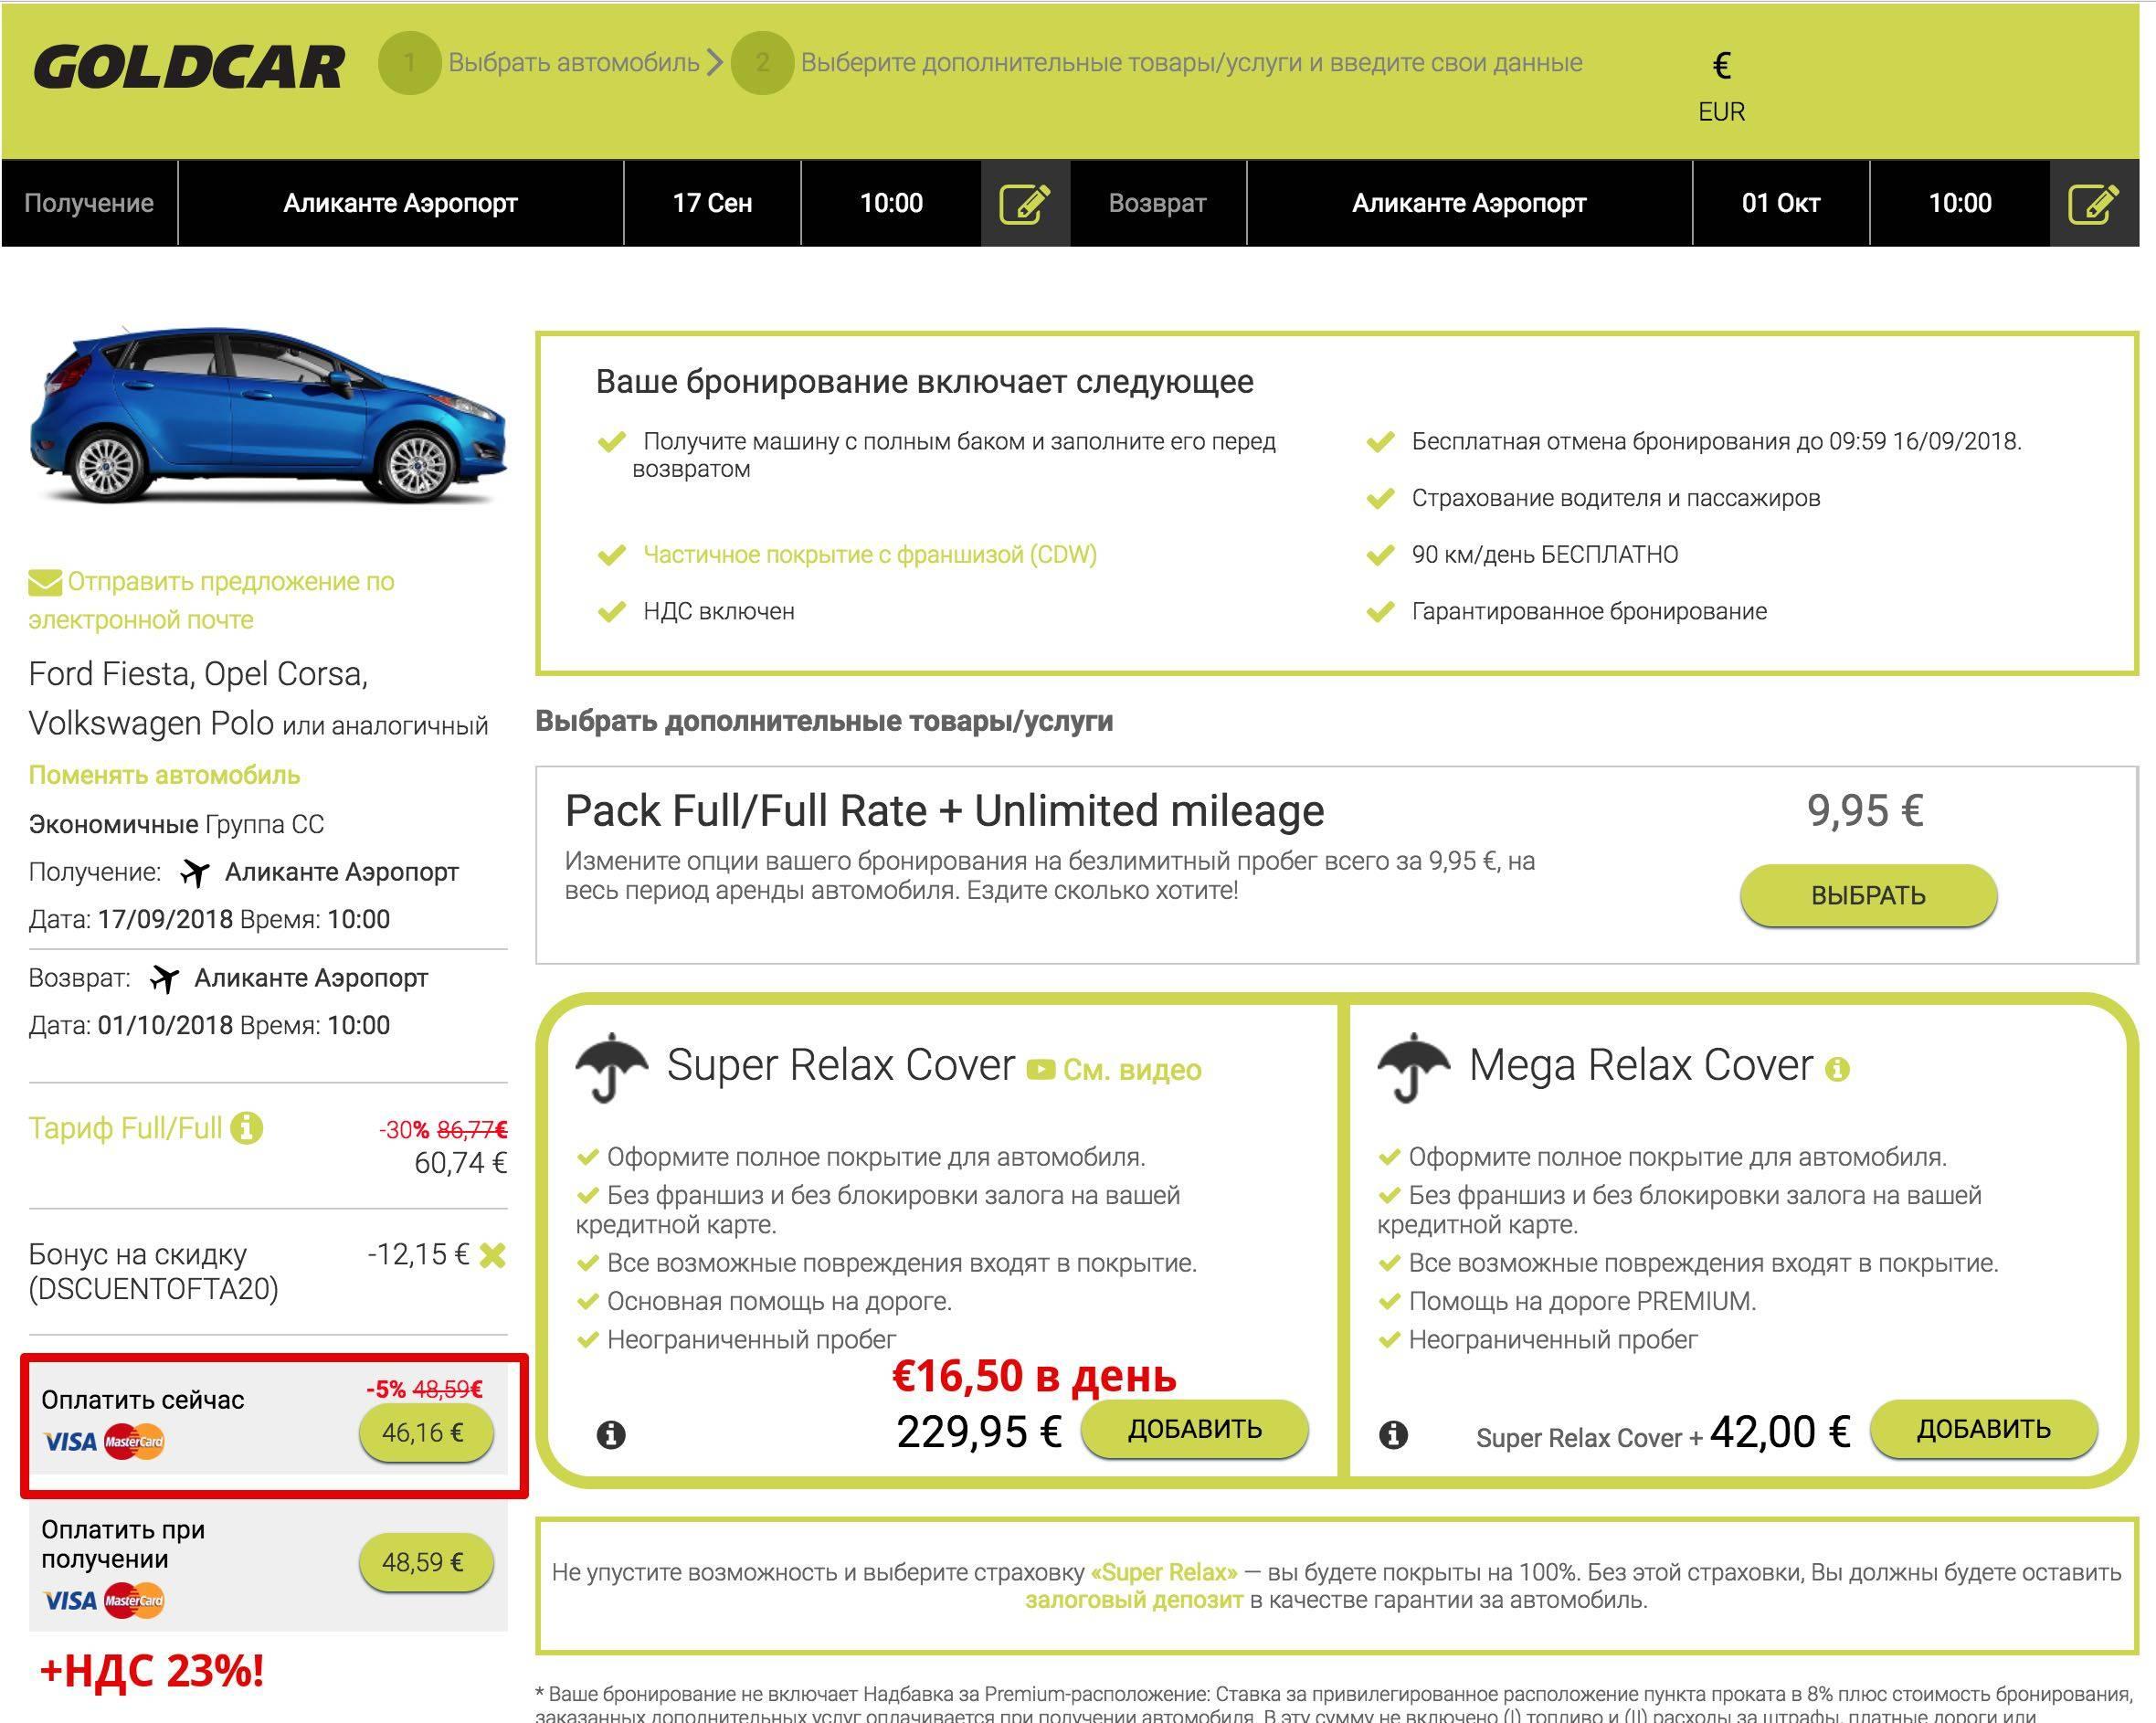 Аренда авто в италии дёшево - мечта или реальность